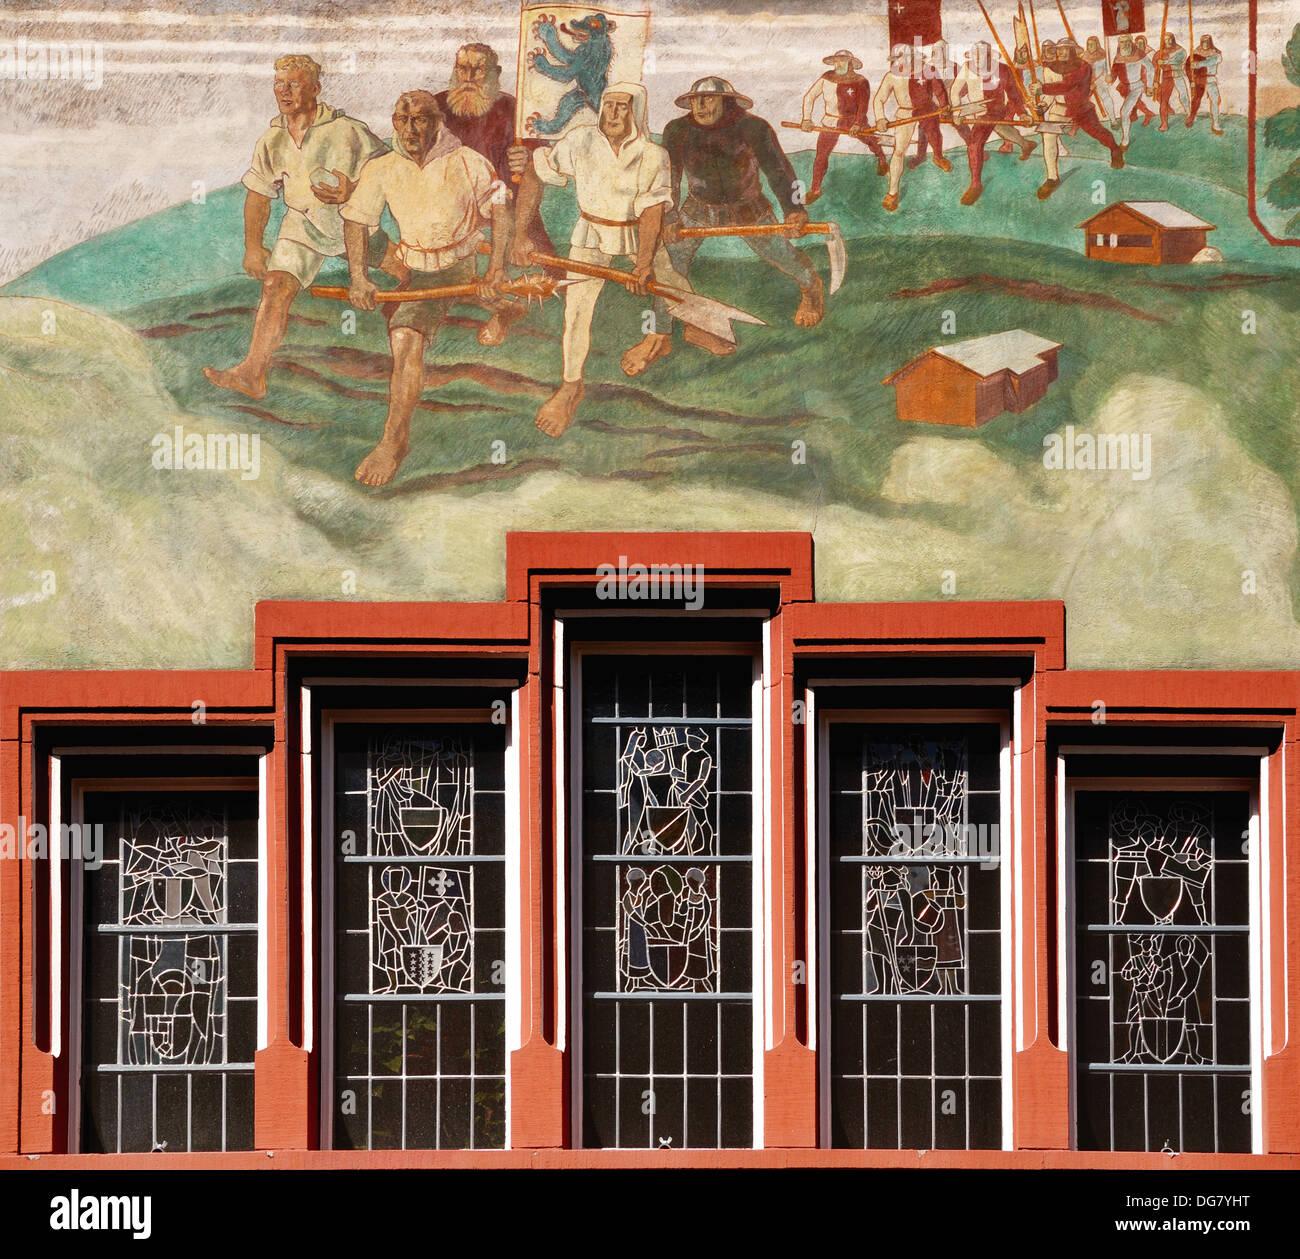 Painting Window Stockfotos & Painting Window Bilder - Seite 3 - Alamy